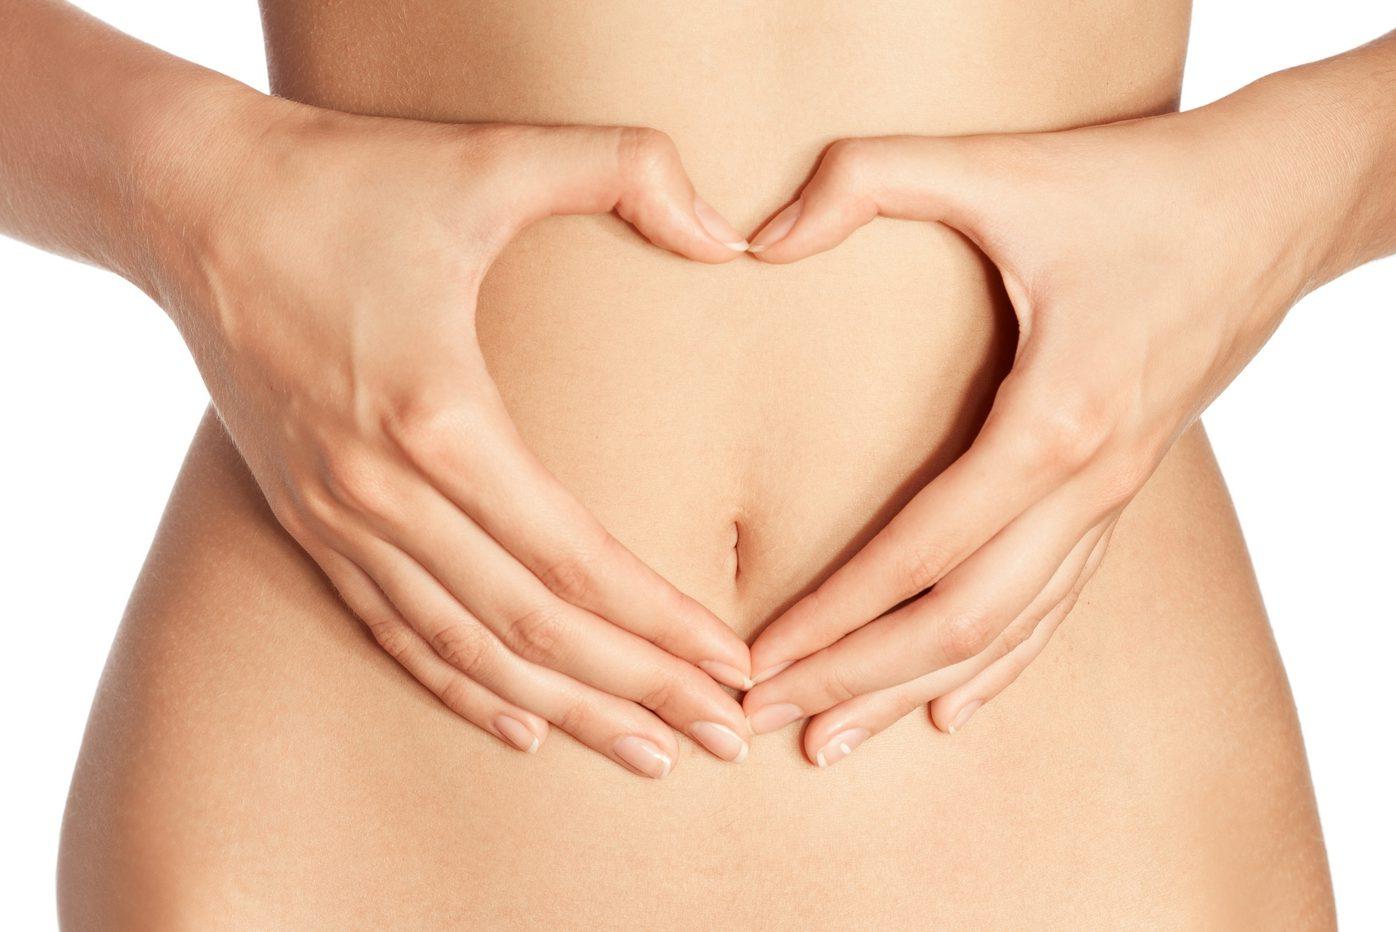 10 conseils pour avoir le ventre plat